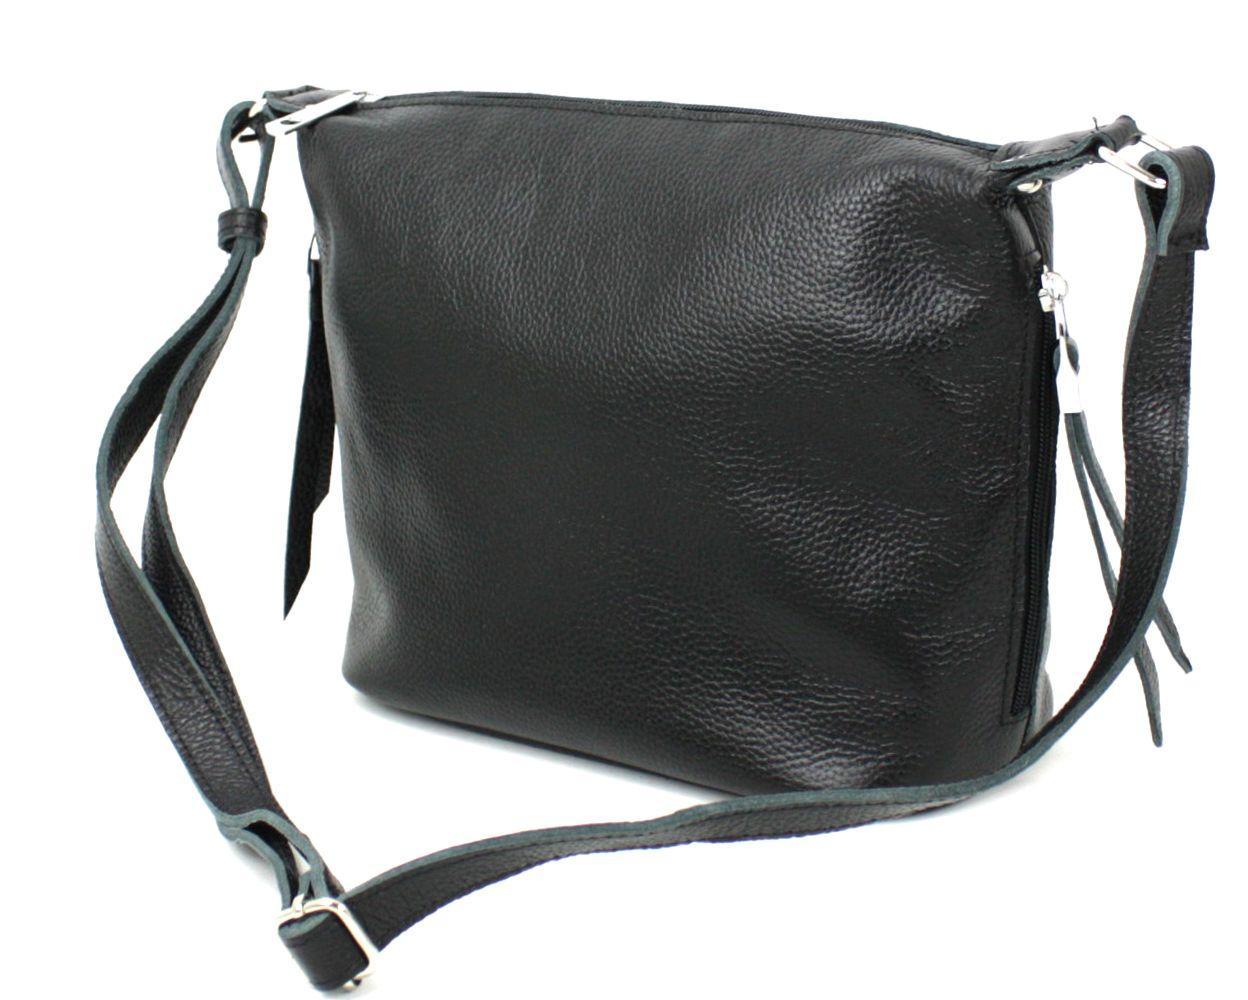 Кожаная женская сумка через плечо Borsacomoda черная 809.023